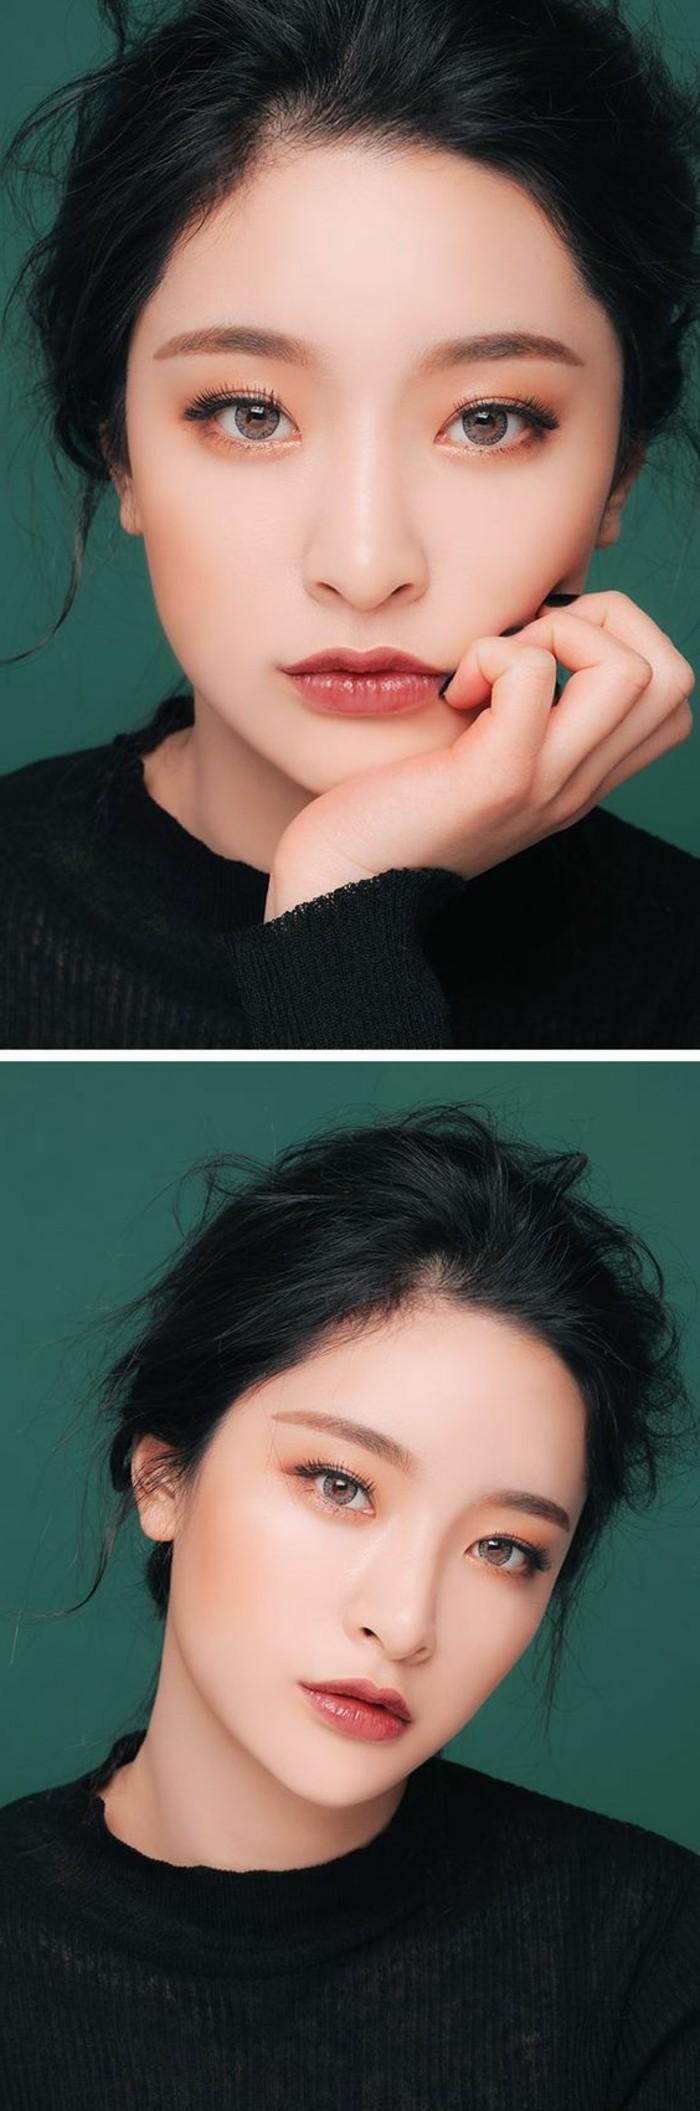 comment-choisir-le-bon-maquillage-yeux-asiatique-femme-moderne-maquillage-yeux-asiatique